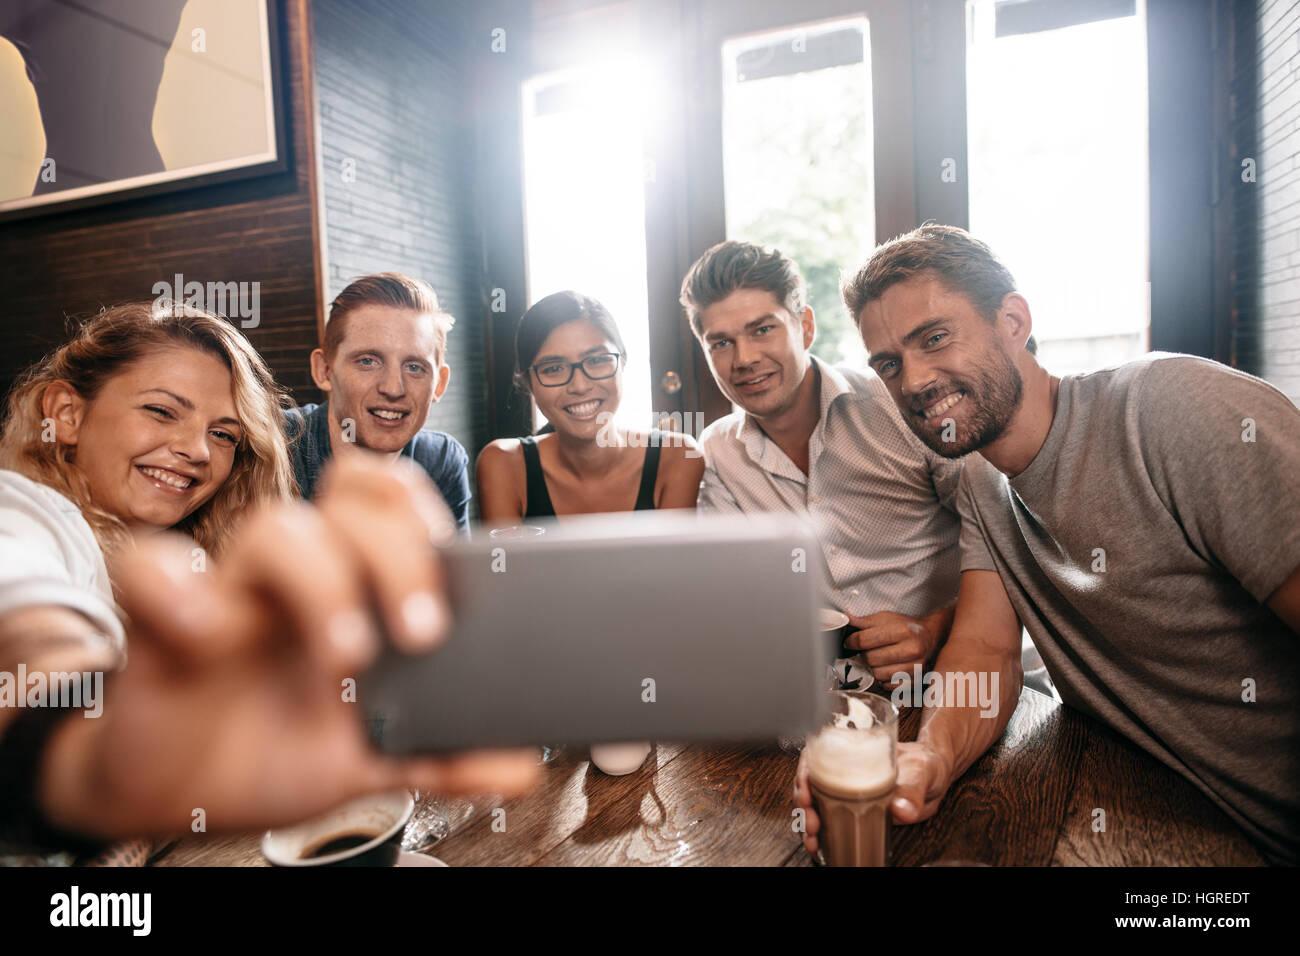 Heterogene Gruppe von Freunden nehmen Selfie auf Smartphone. Junge Männer und Frauen sitzen im Café-Tisch Stockbild